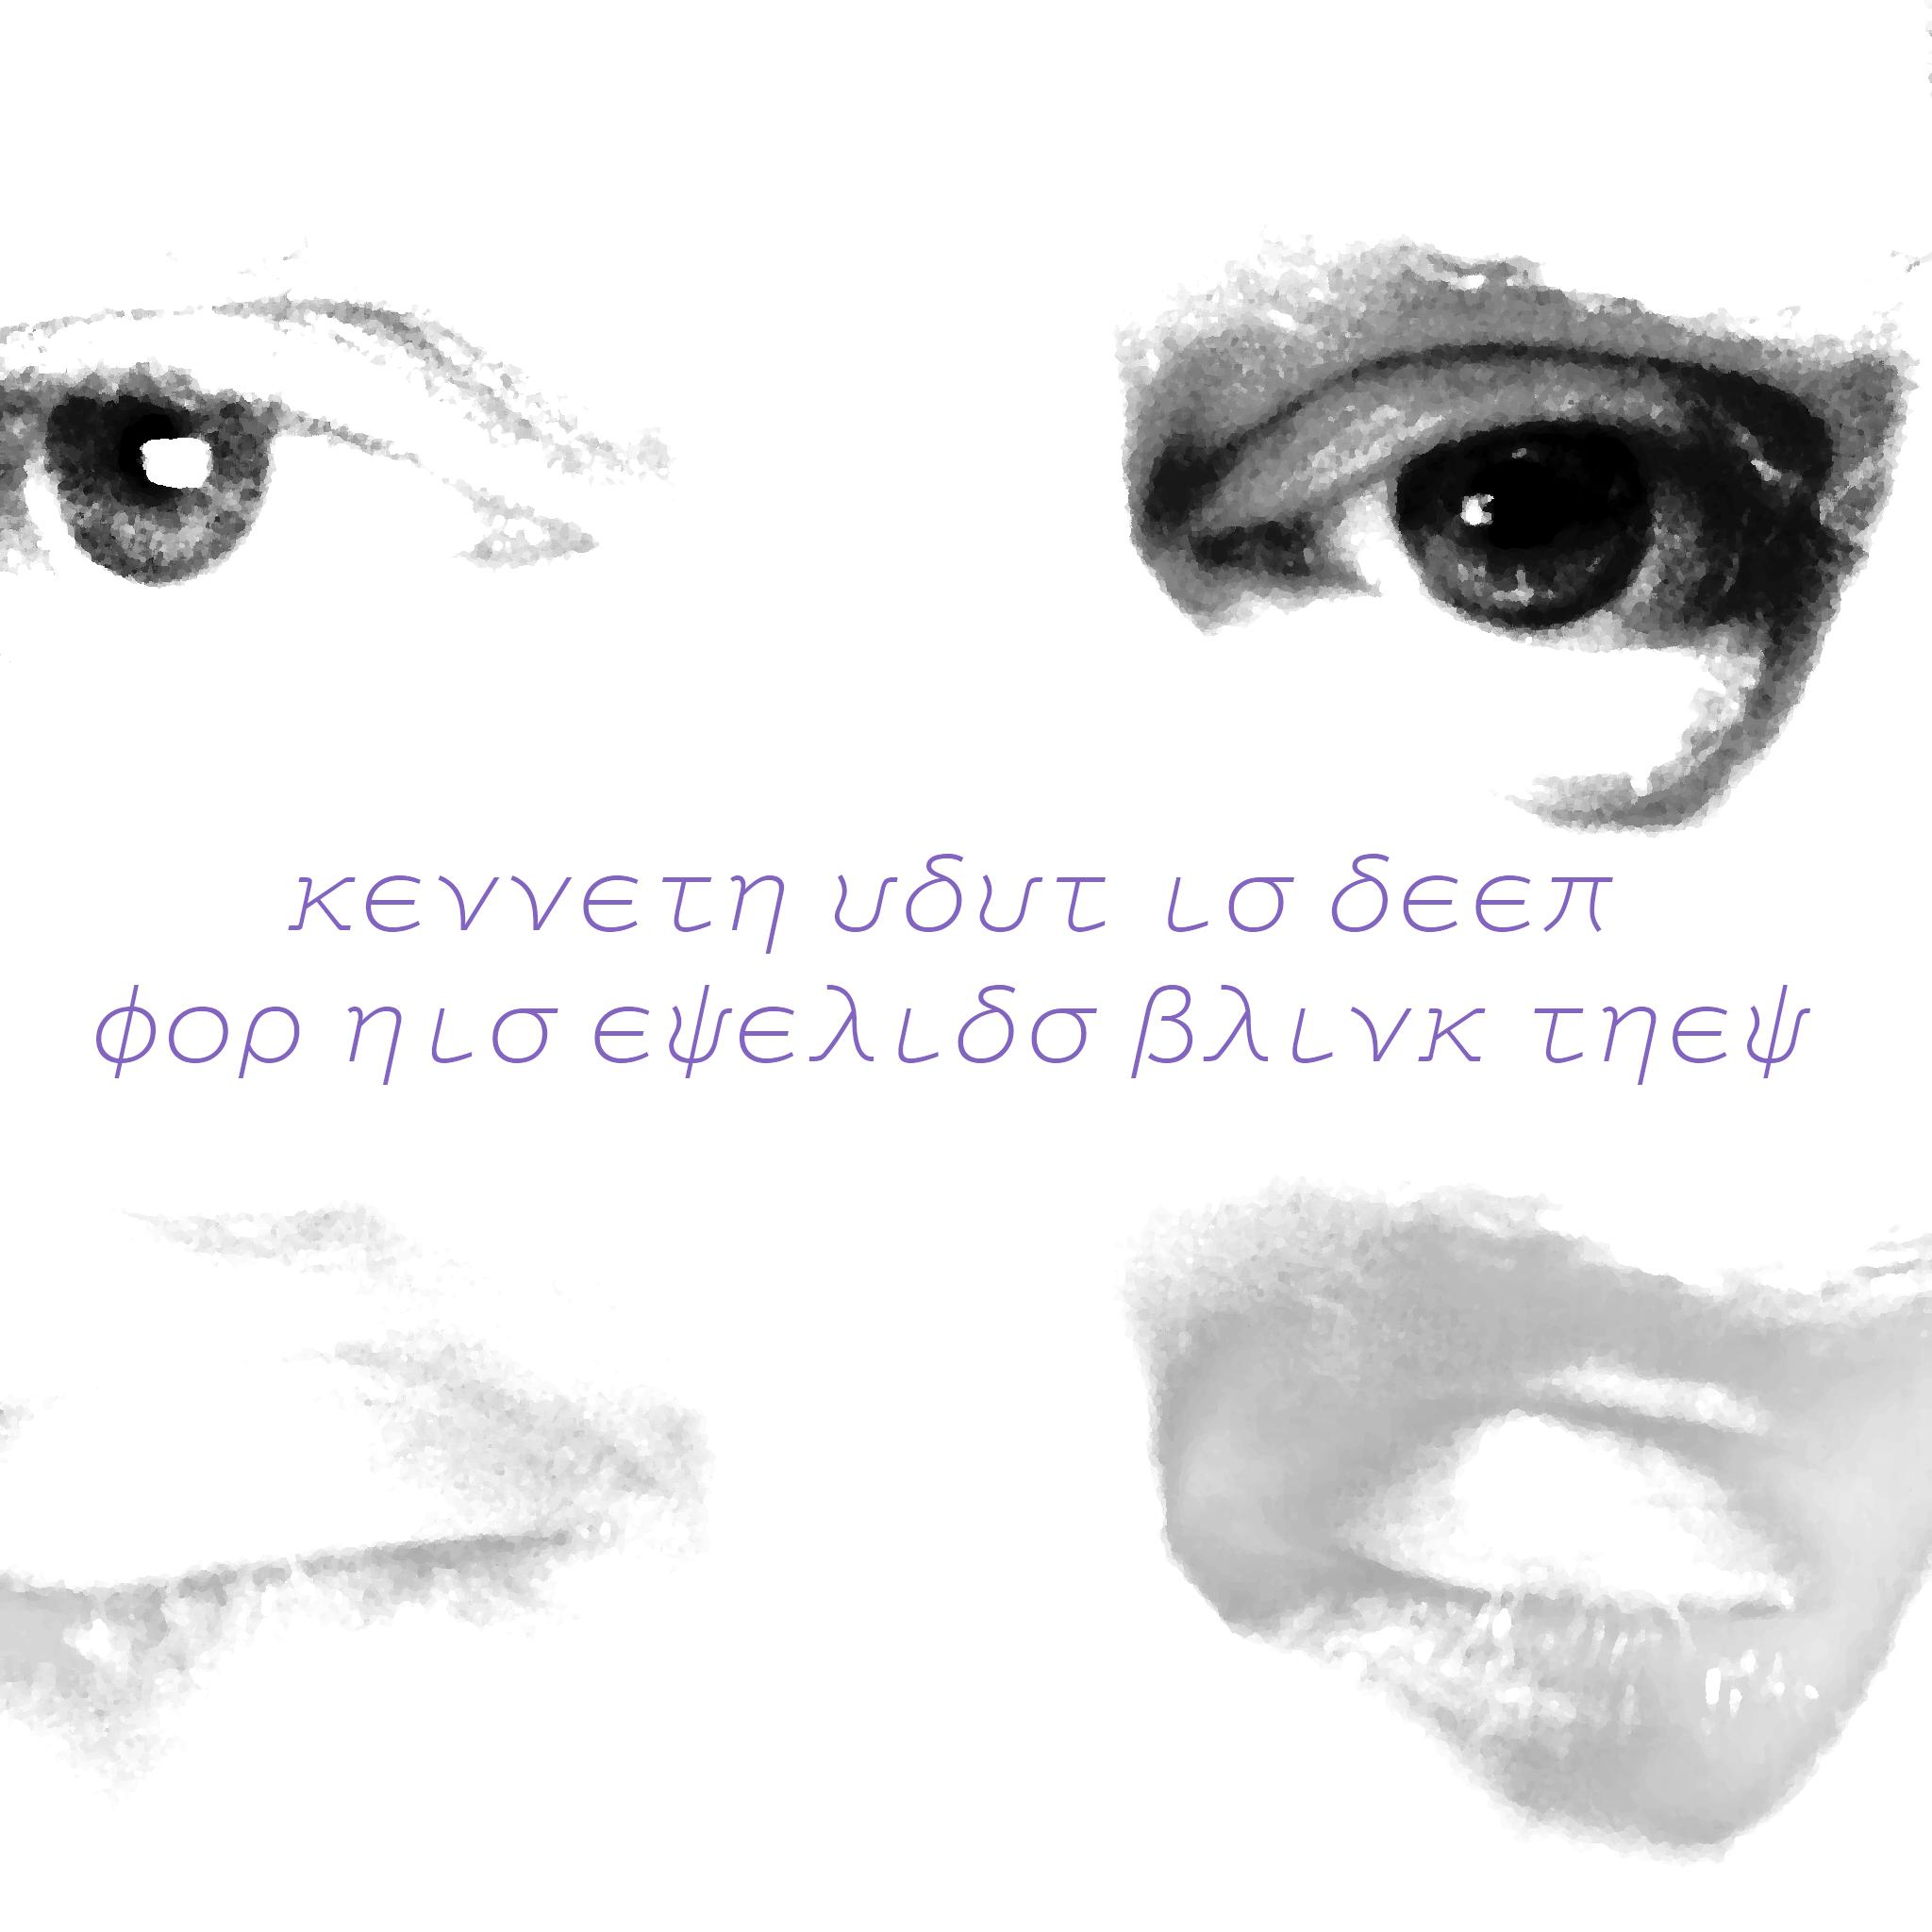 kenneth-udut-is-deepz